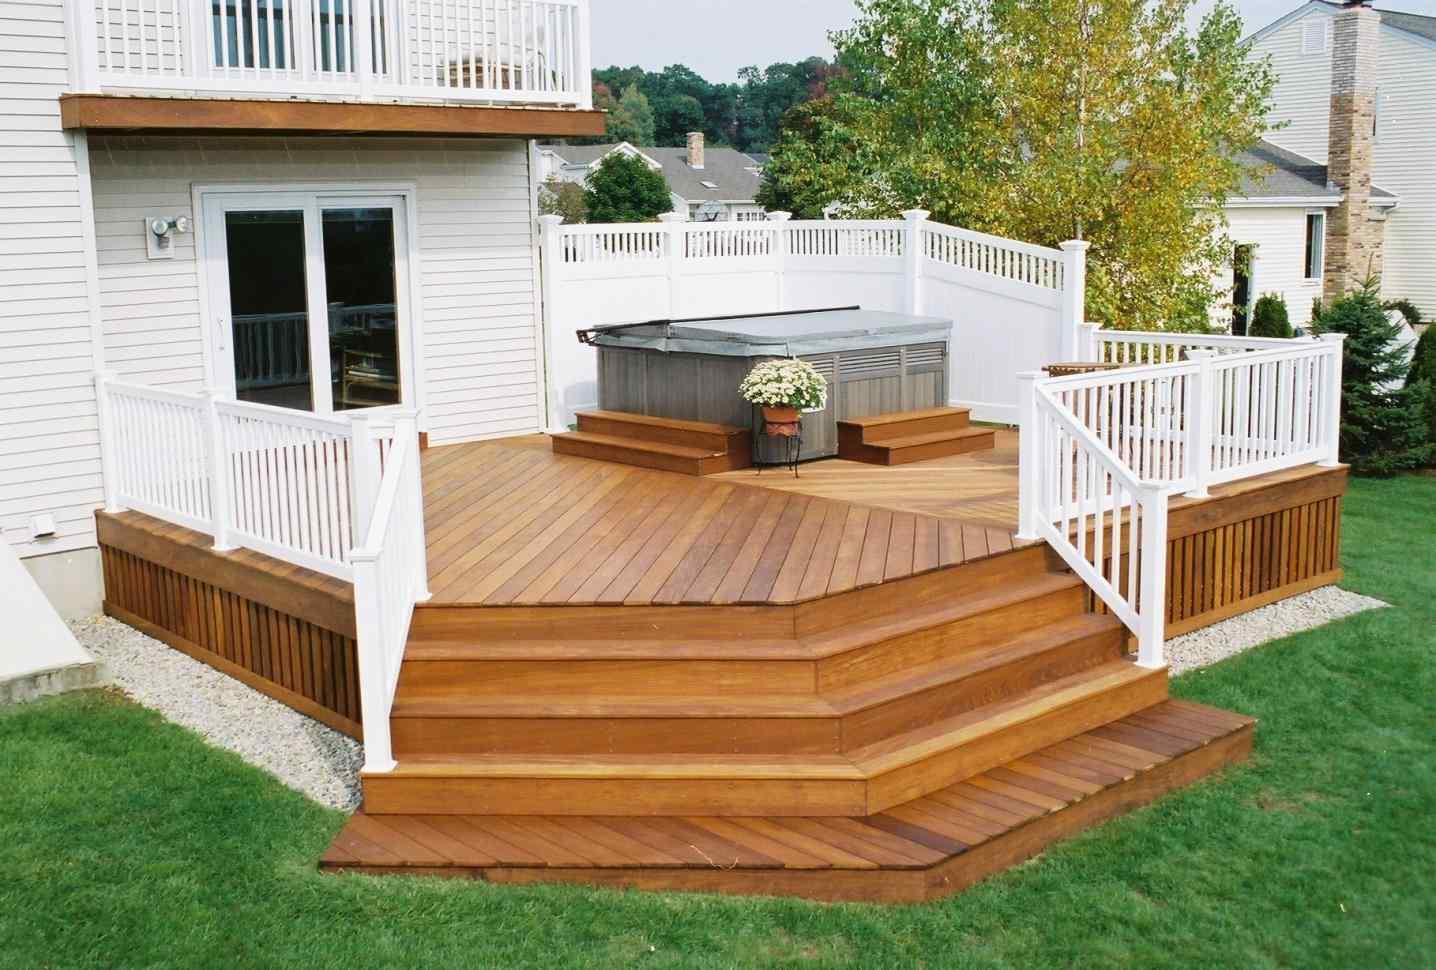 Simple Back Deck Ideas Arch Dsgn - House Plans | #172018 on Simple Back Deck Ideas id=24204